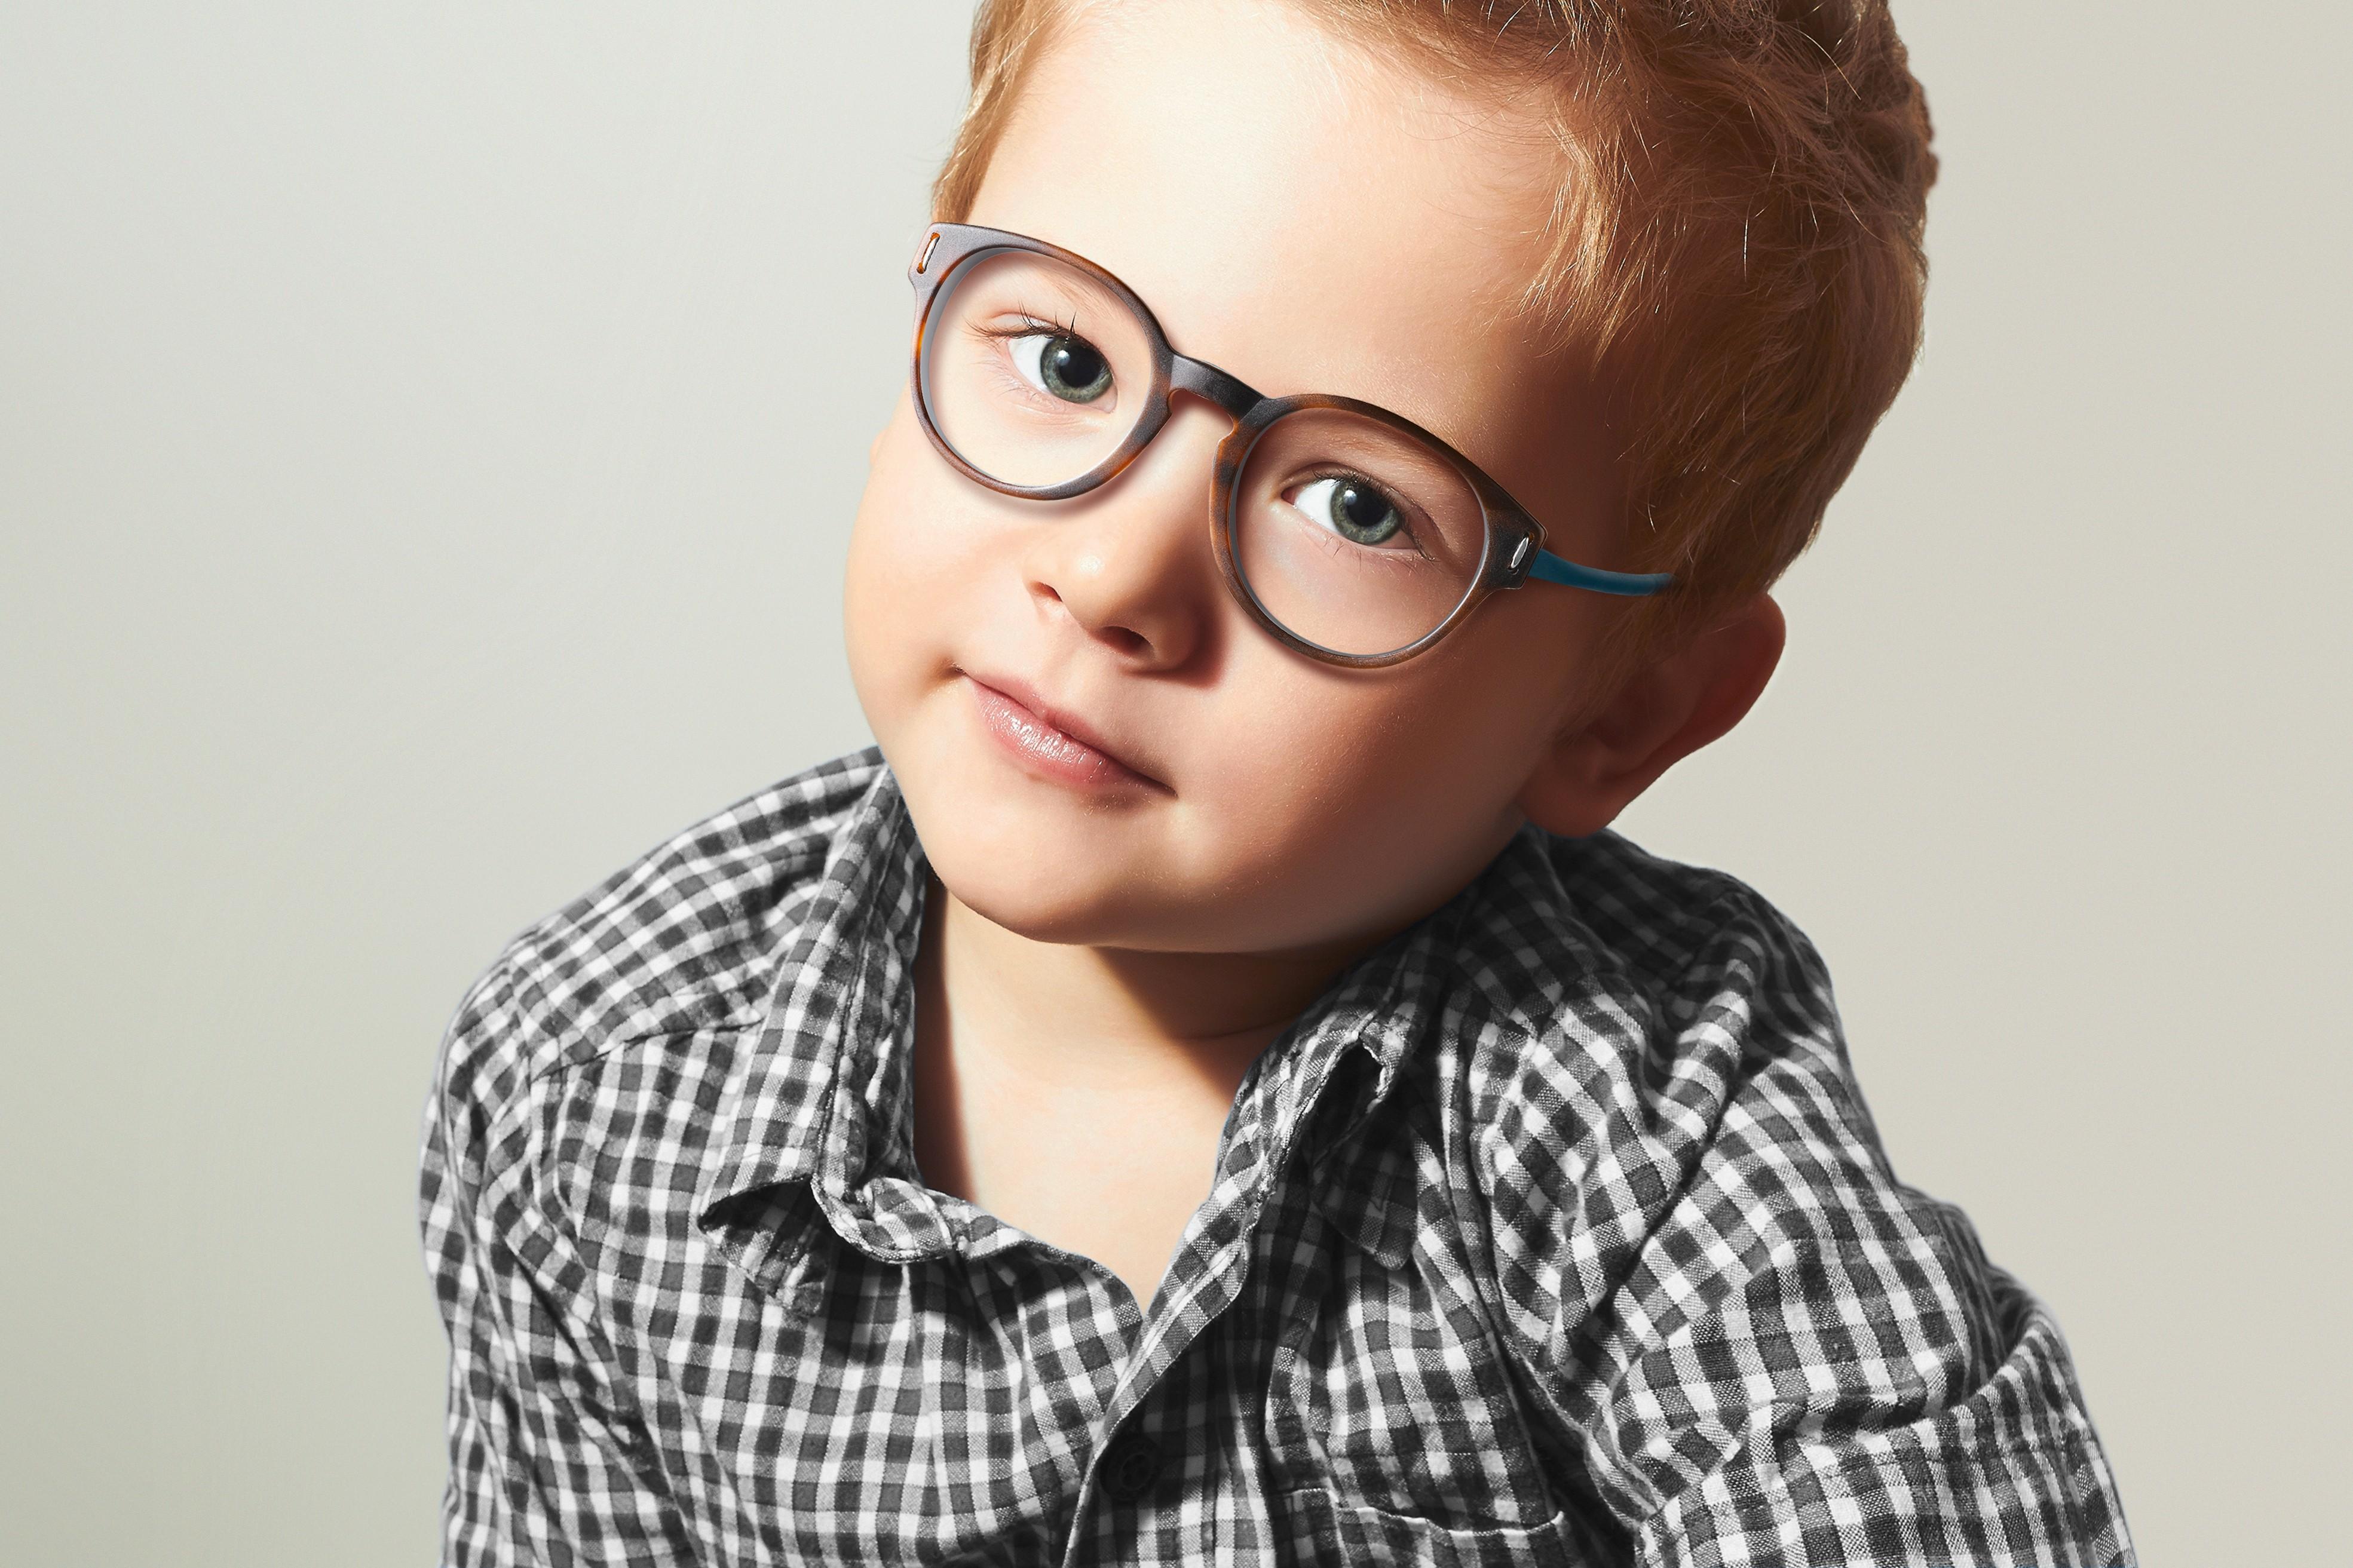 d1859d8944df1 Marques et montures de lunettes pour enfant - Optikid